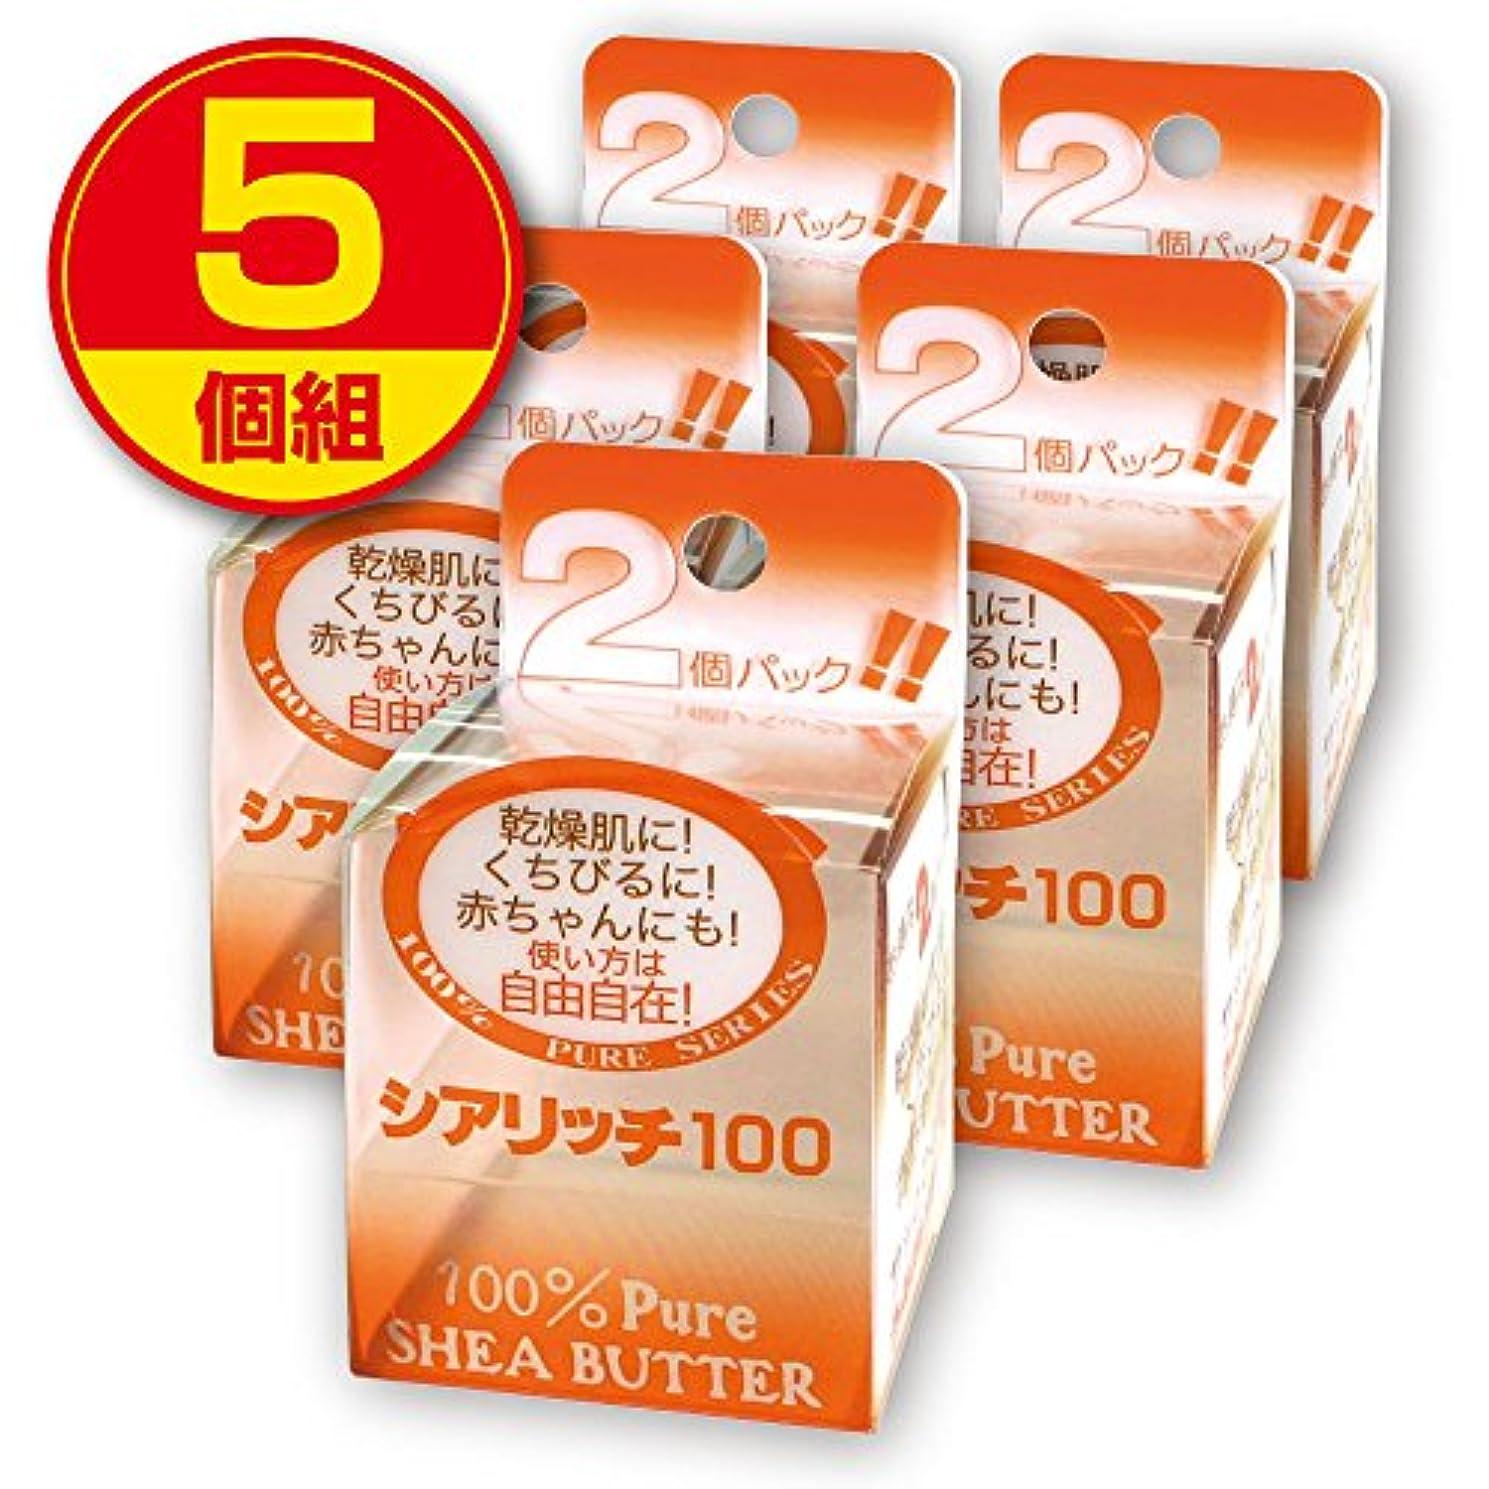 入射自動車マッシュ日本天然物研究所 シアリッチ100 (8g×2個入り)【5個組】(無添加100%シアバター)無香料